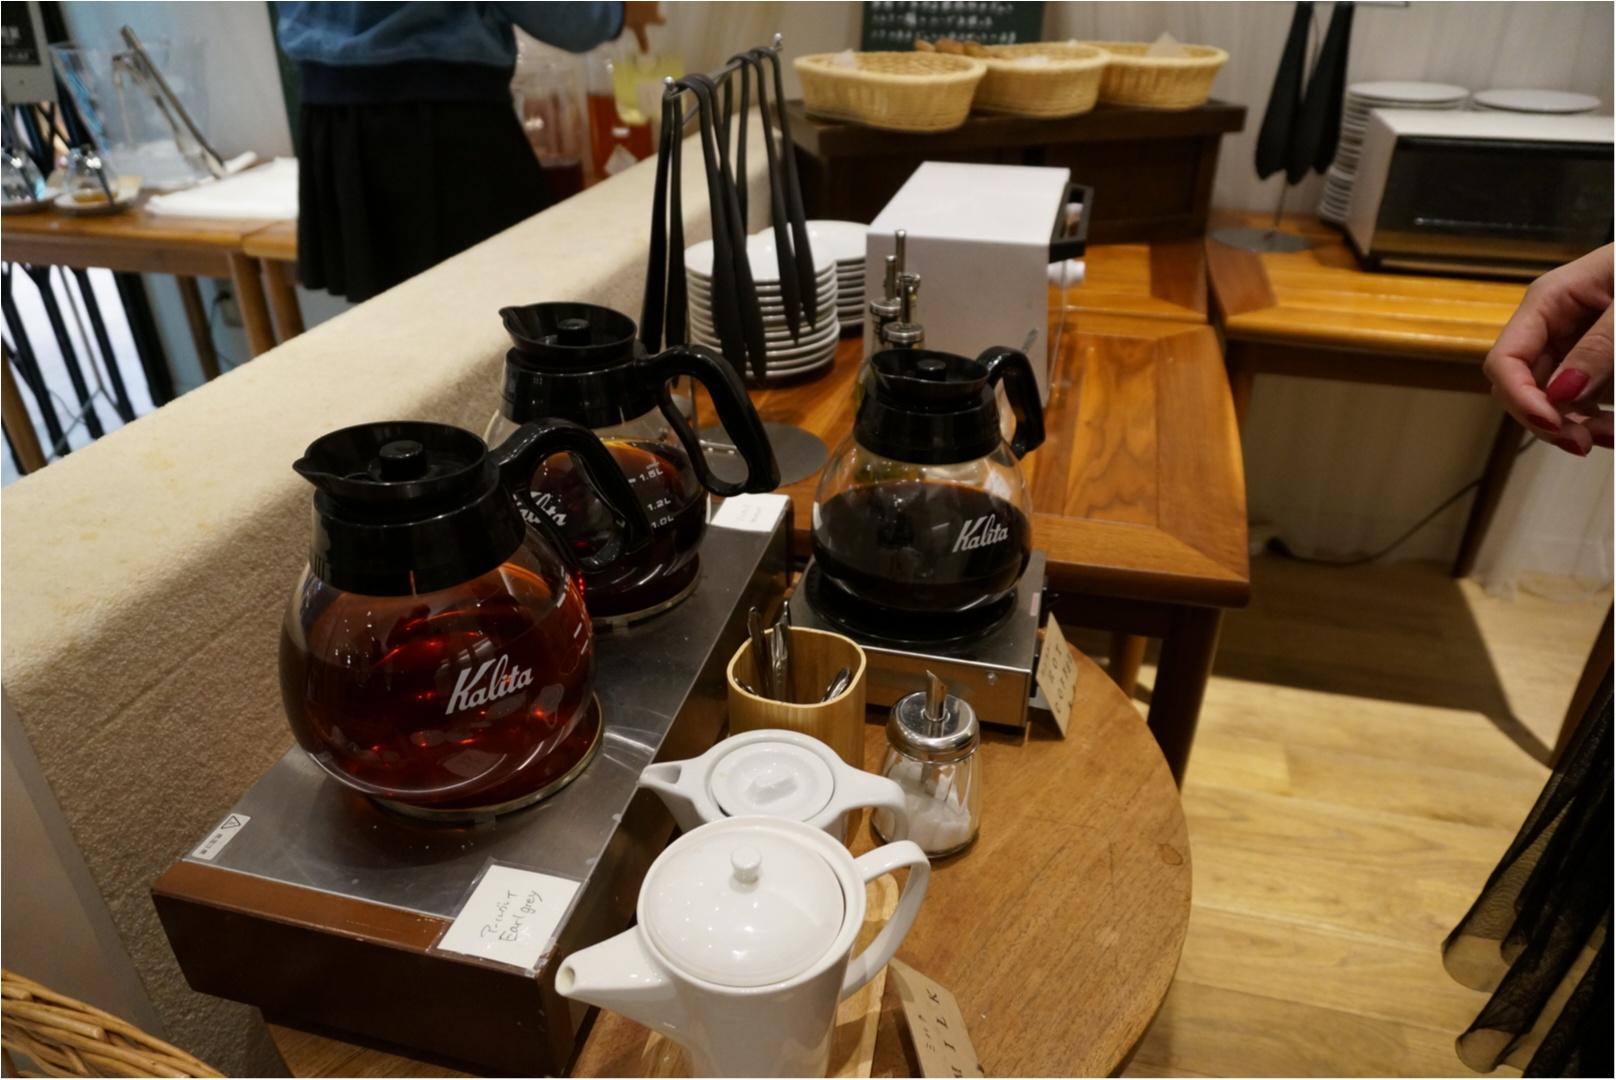 白と木材を基調としたニュートラルな空間でカフェTIME♪《24/7Cafe apartment》で食べれる美味しいフレンチトースト♡_3